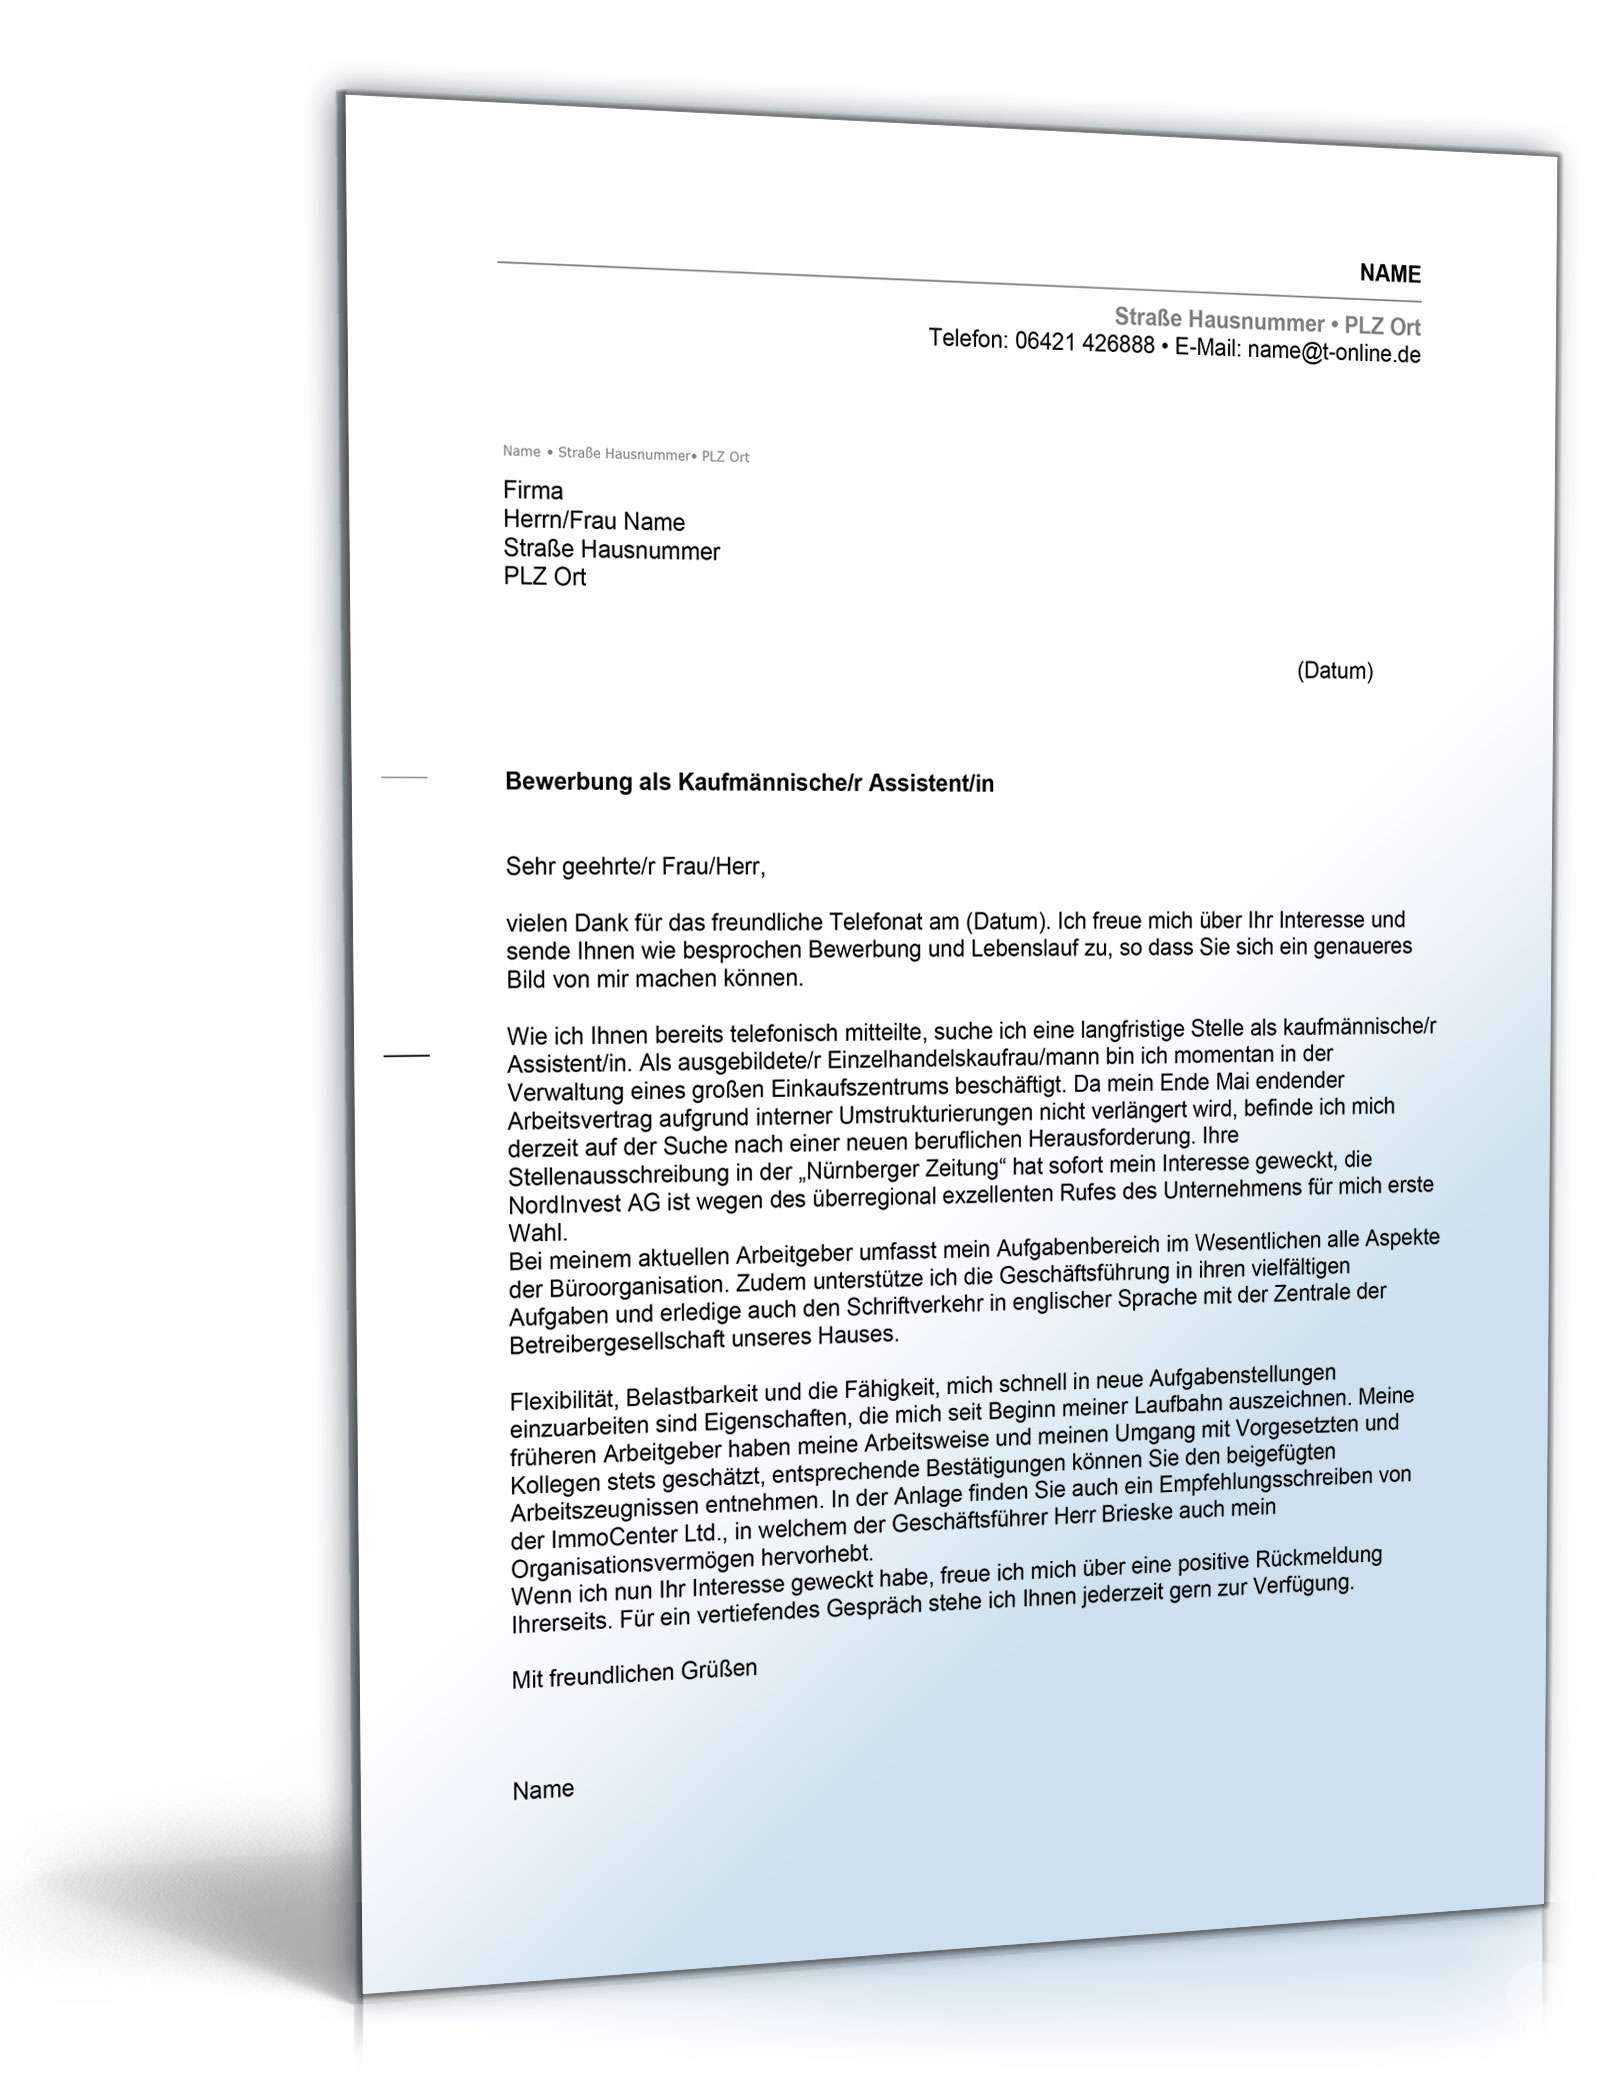 anschreiben bewerbung kaufmnnischer assistent - Bewerbung Kaufmannische Angestellte